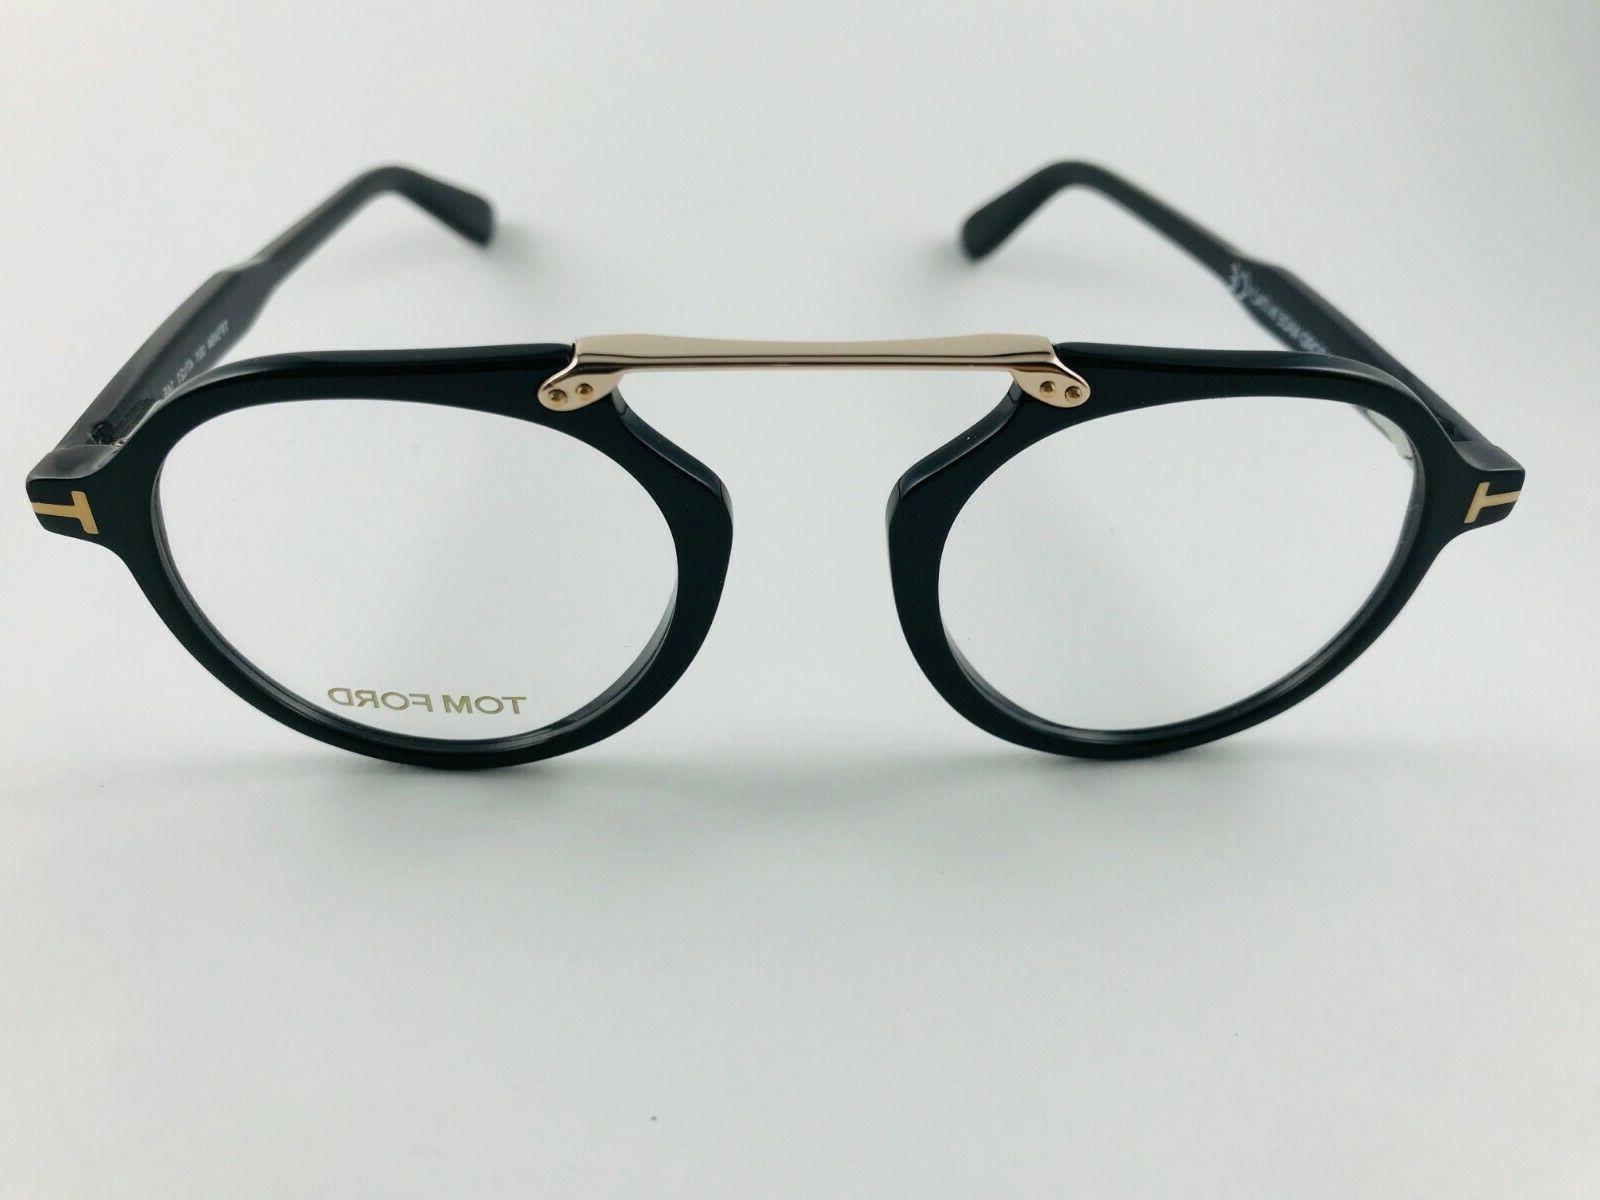 New Eyeglasses TF 5494 Black Gold 47-21-145